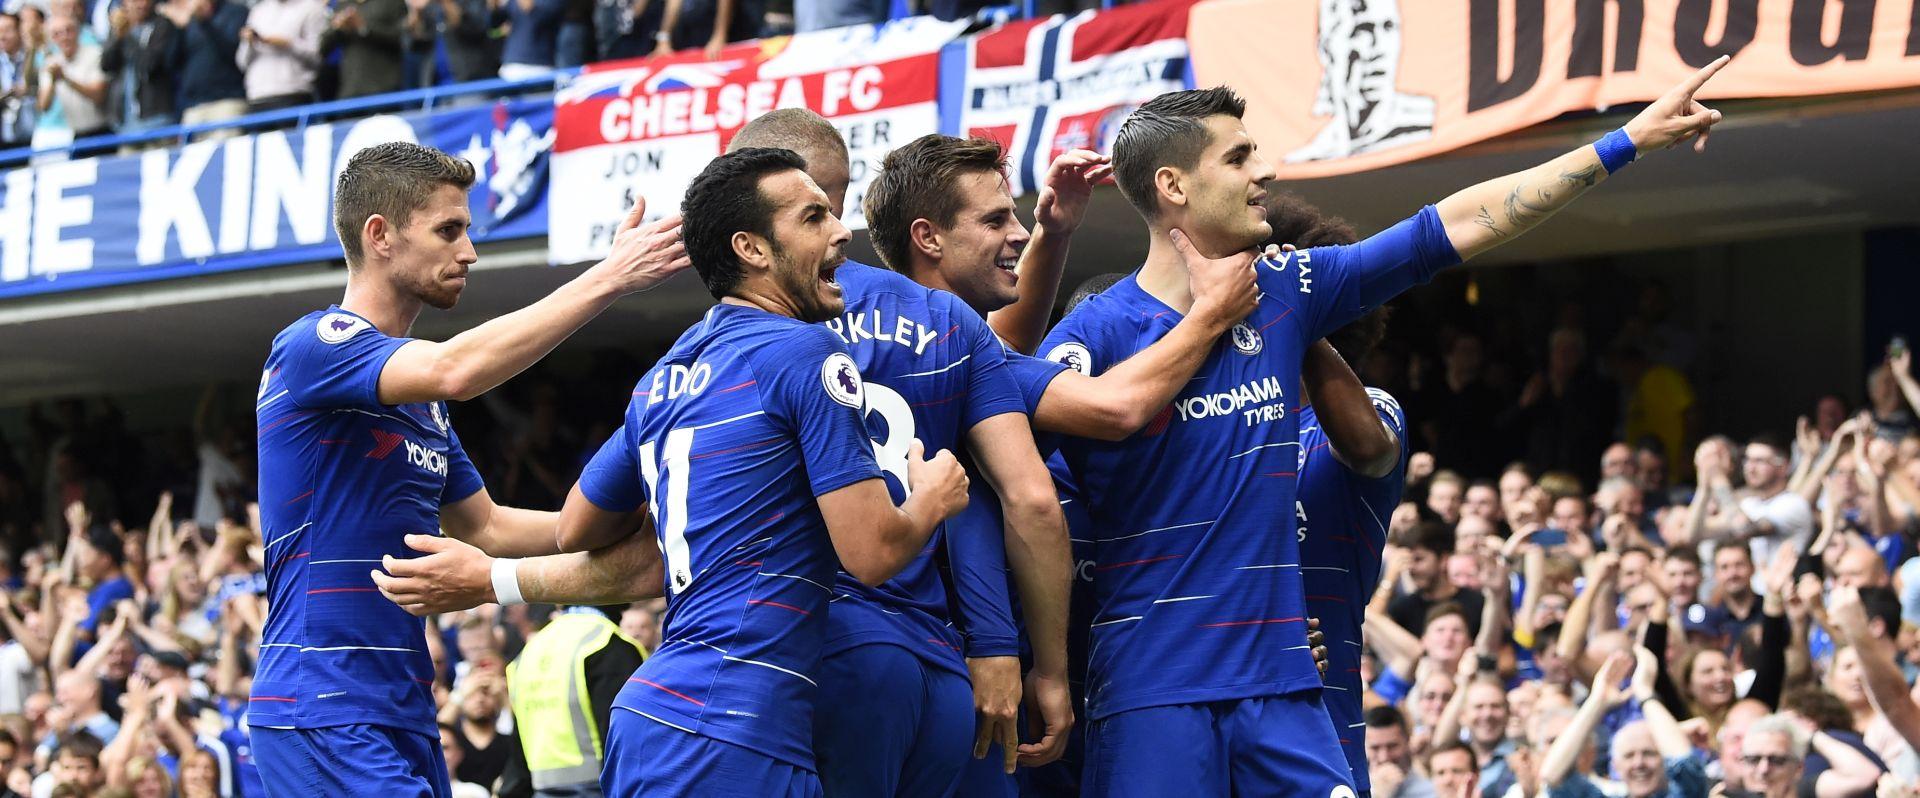 Pobjeda Chelseaja, Kovačiću 79 minuta